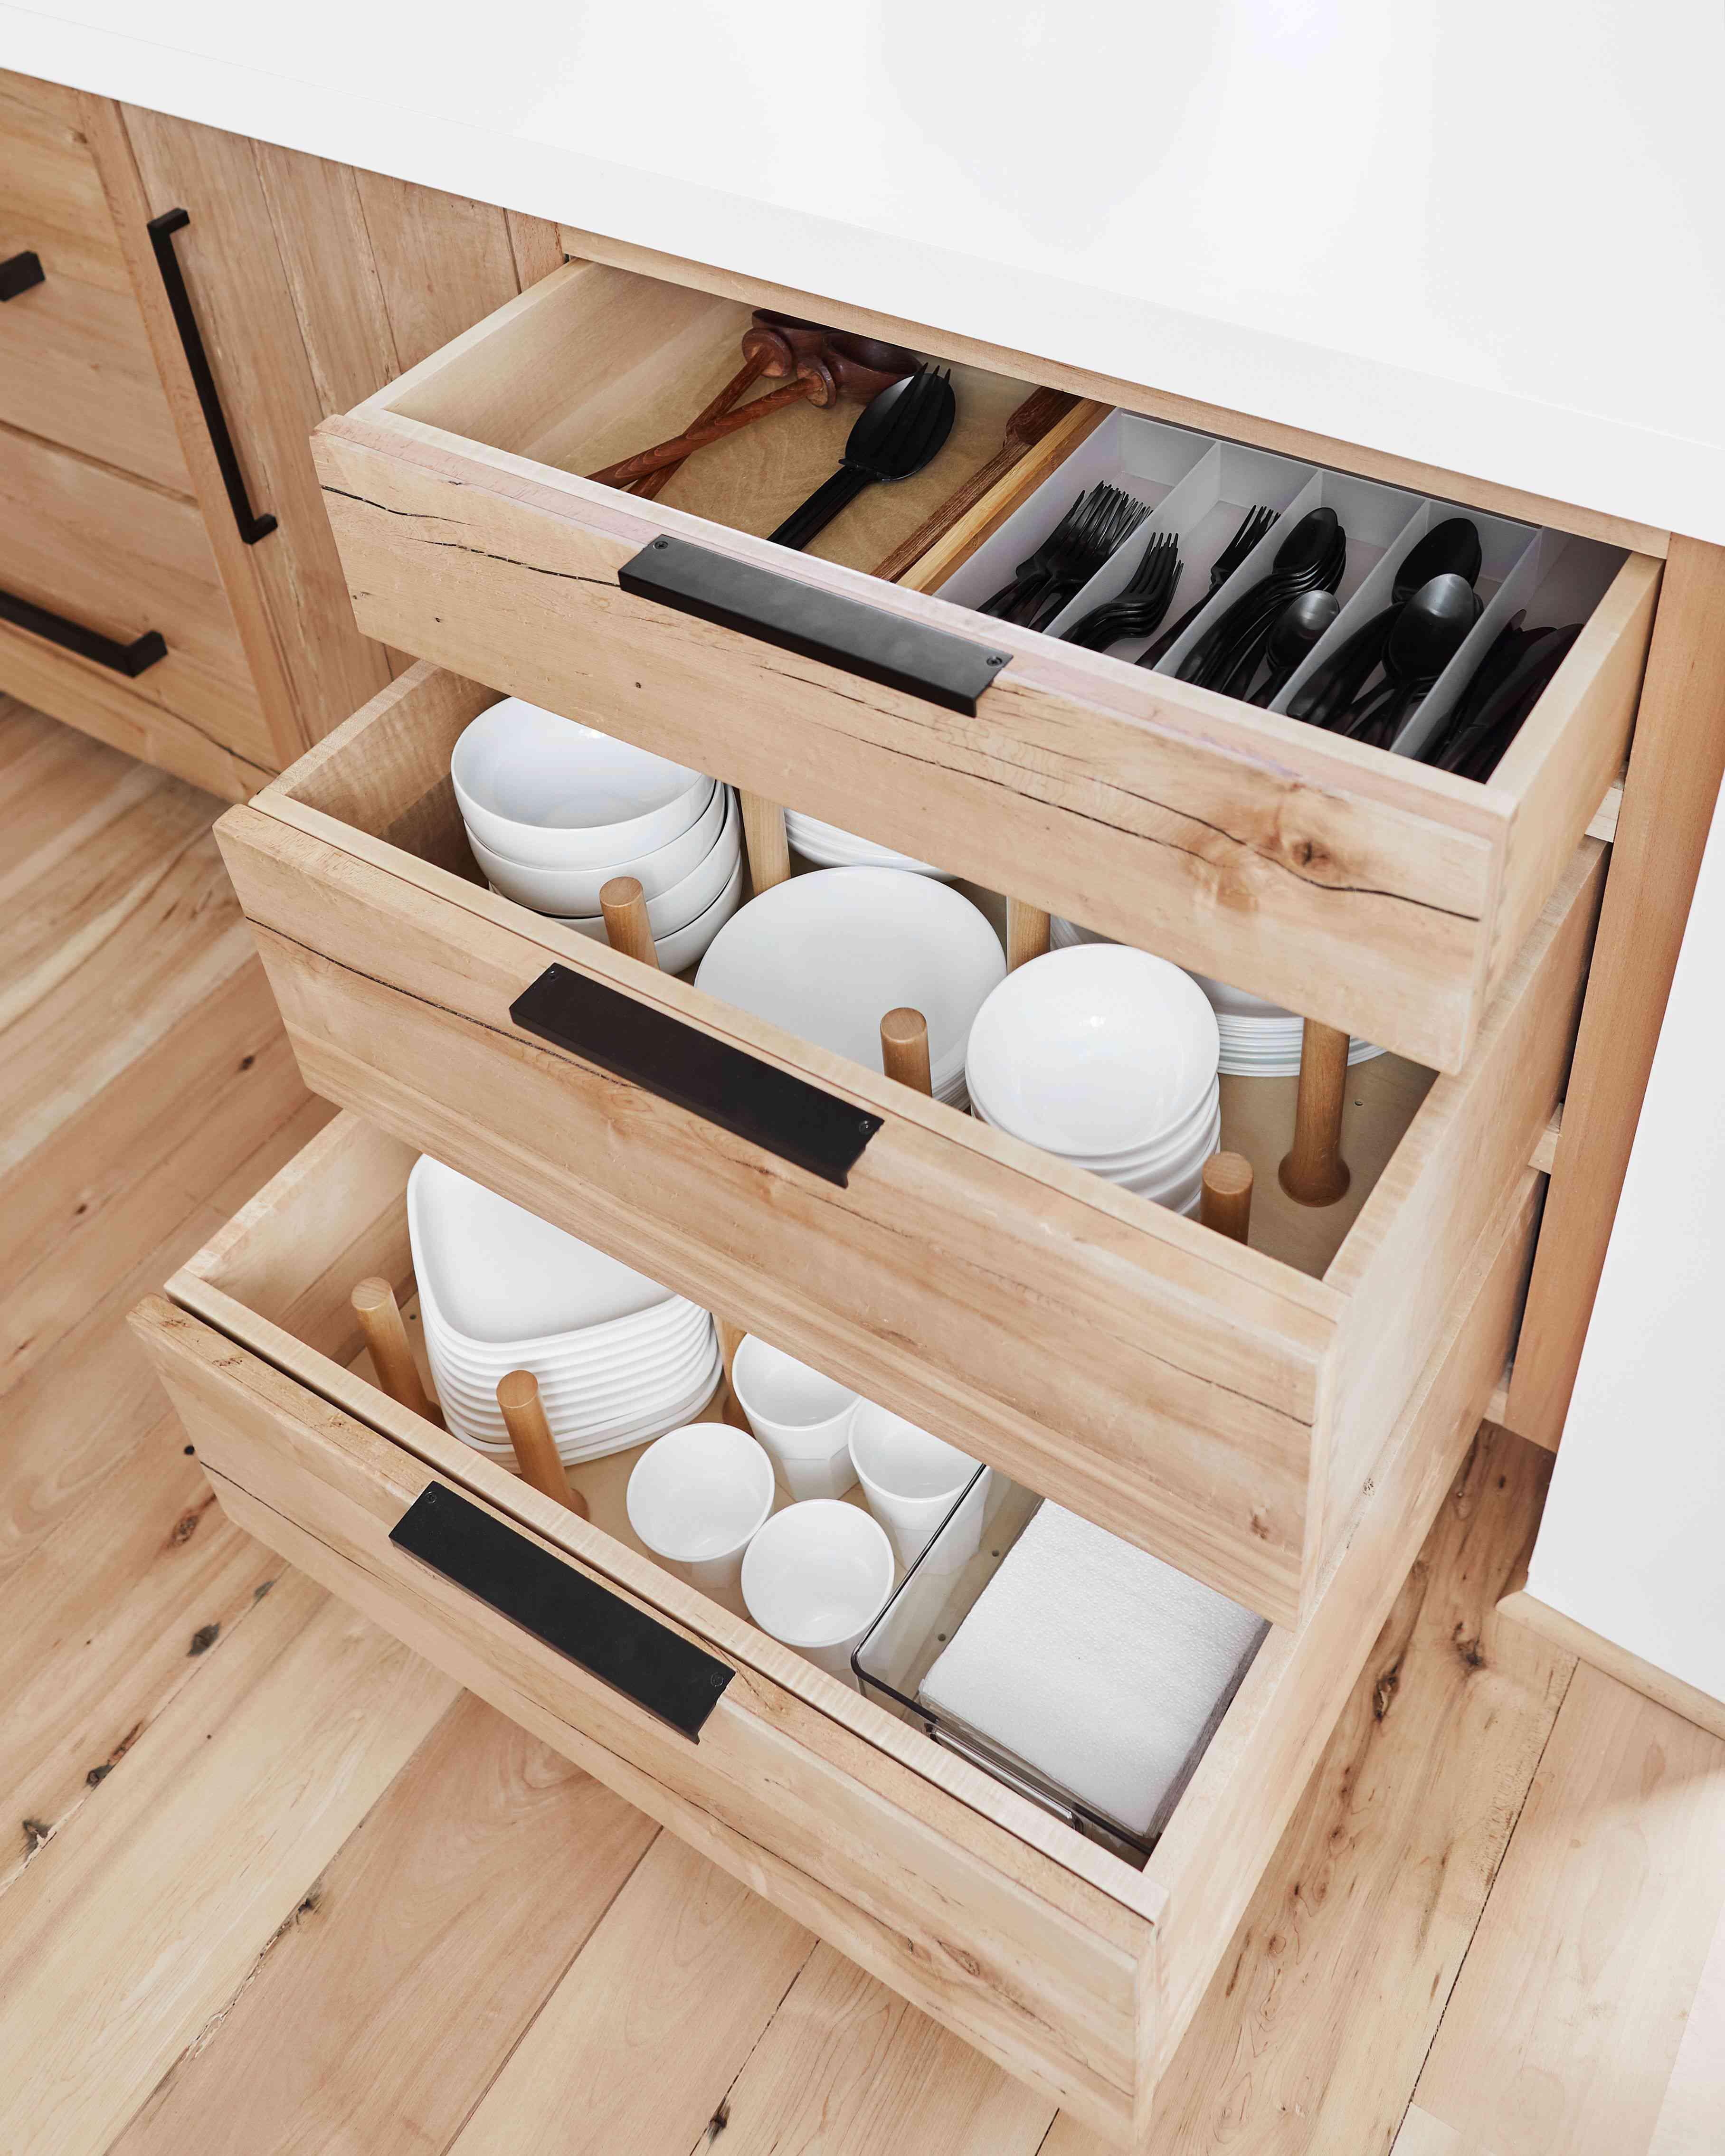 best kitchen ideas - drawer dish storage with peg system